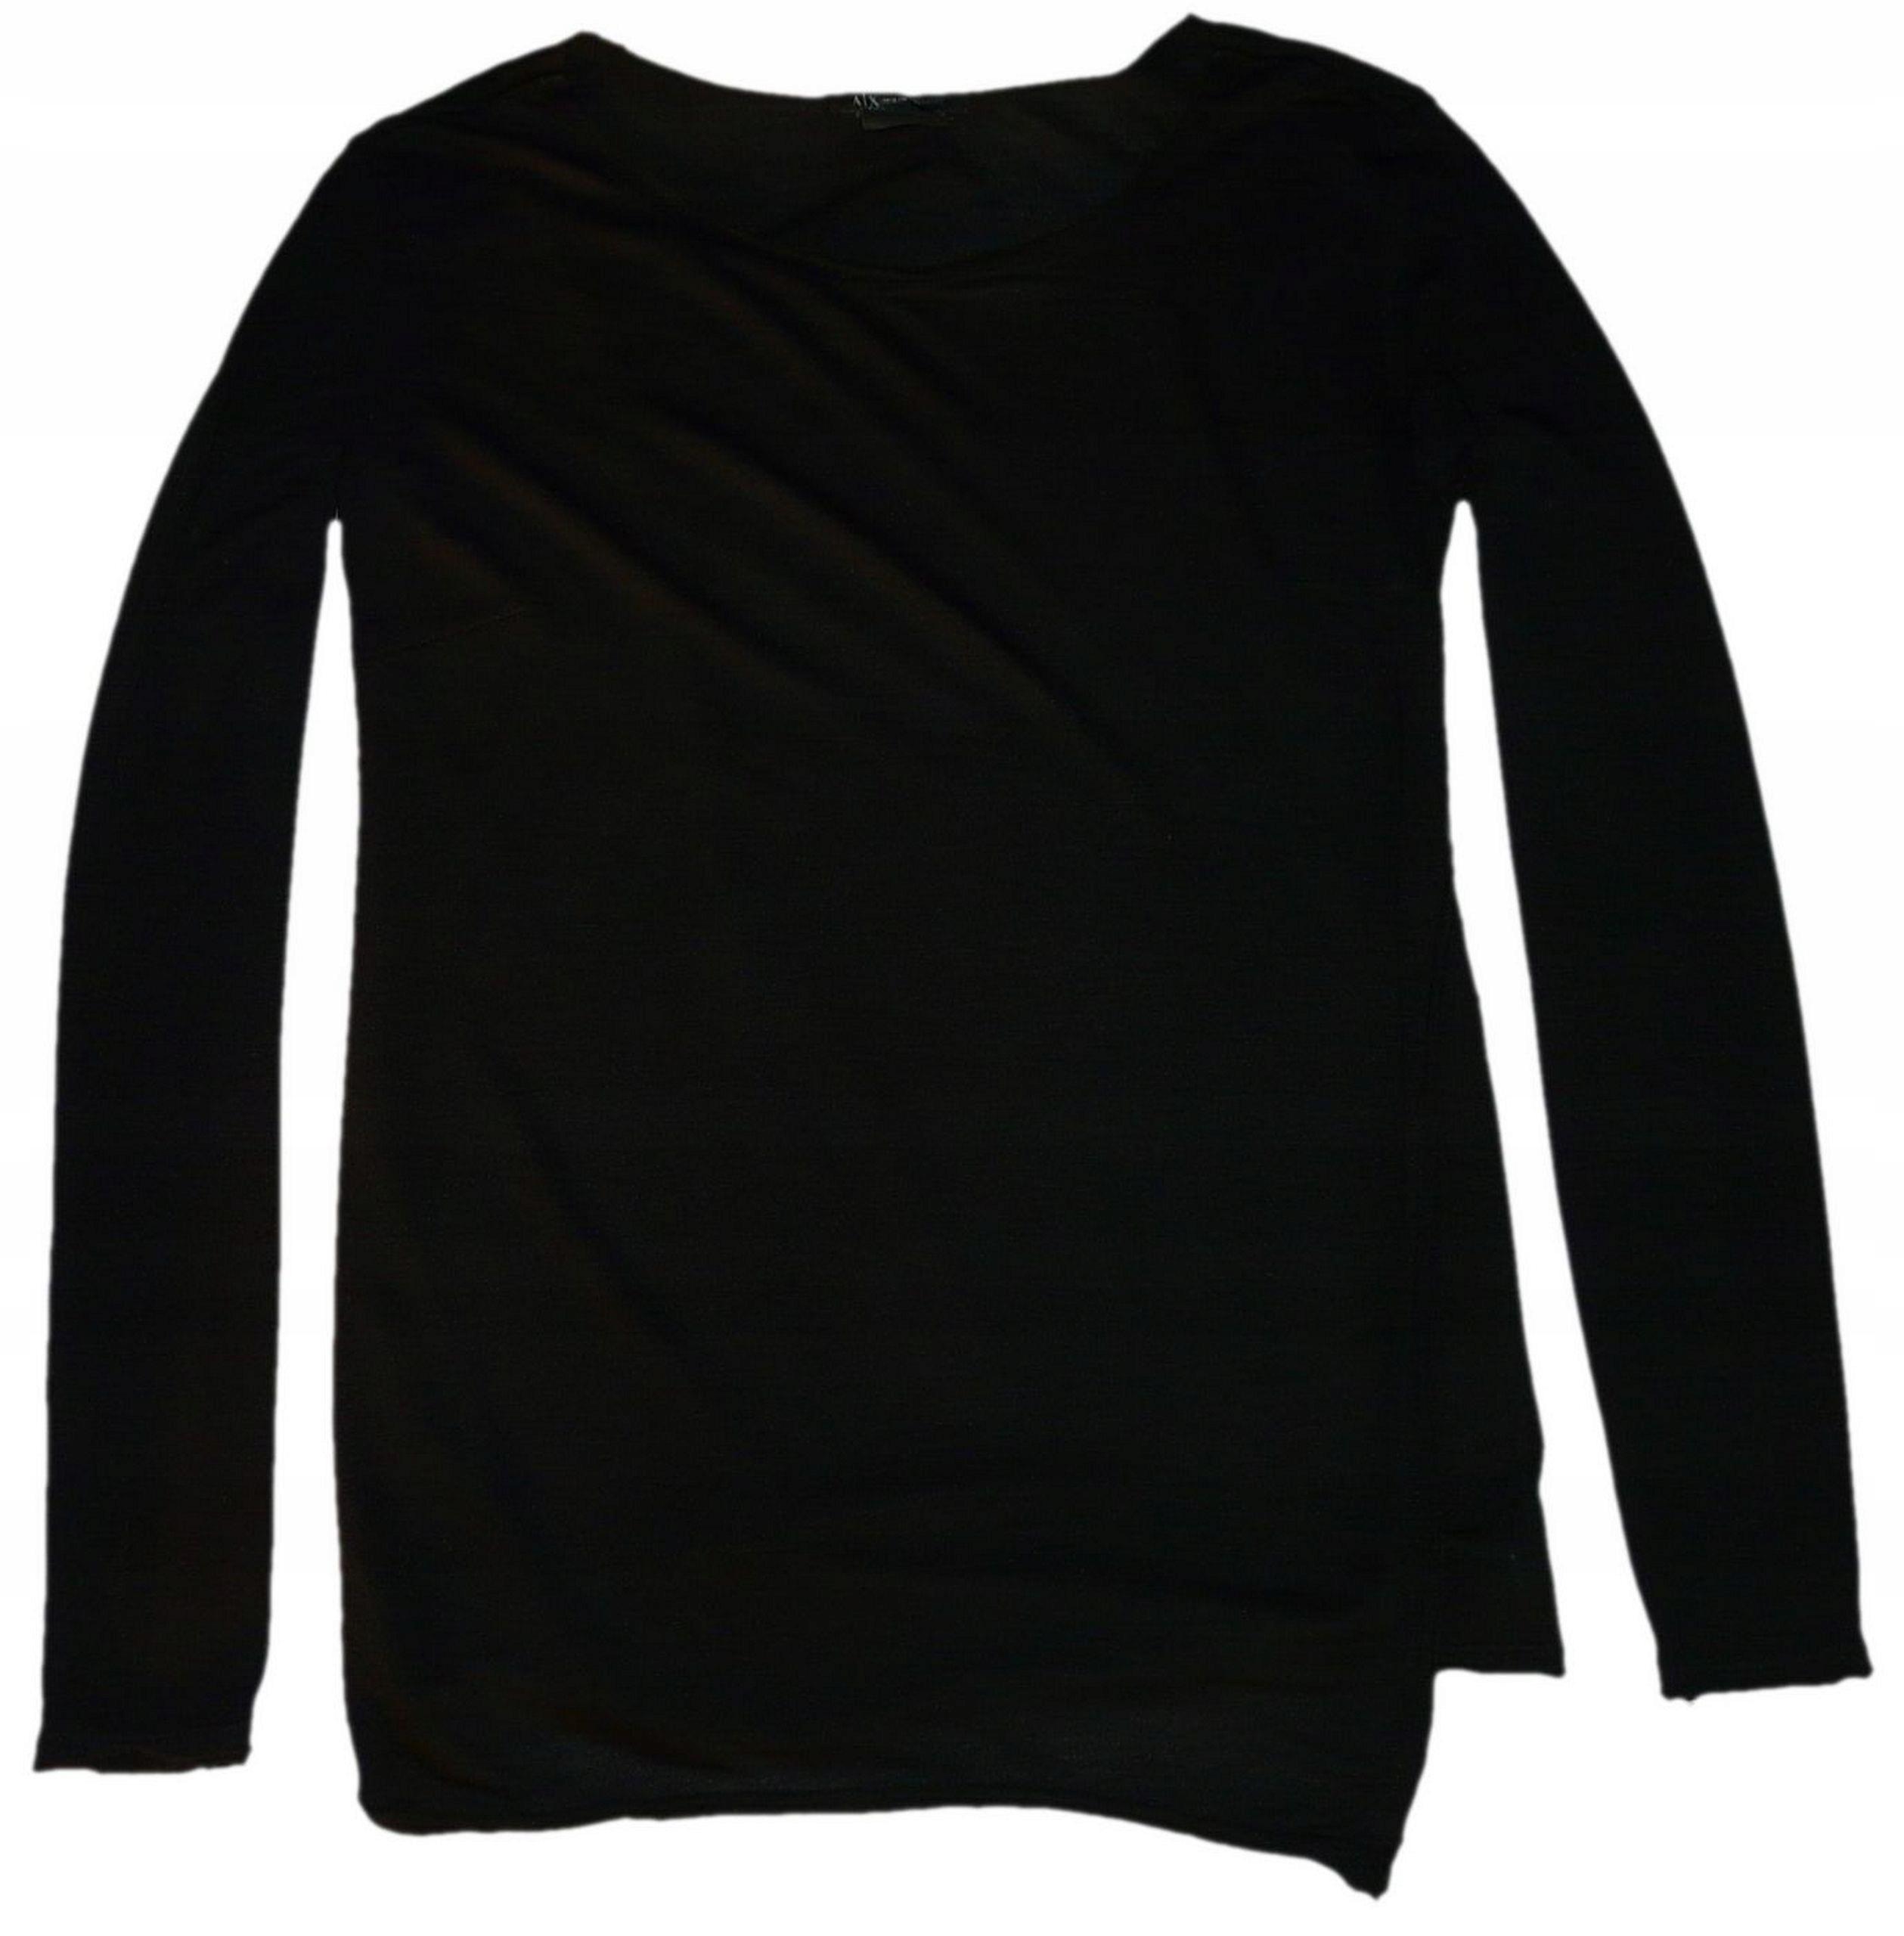 ARMANI EXCHANGE kobieca modna bluzka r. S j.nowa